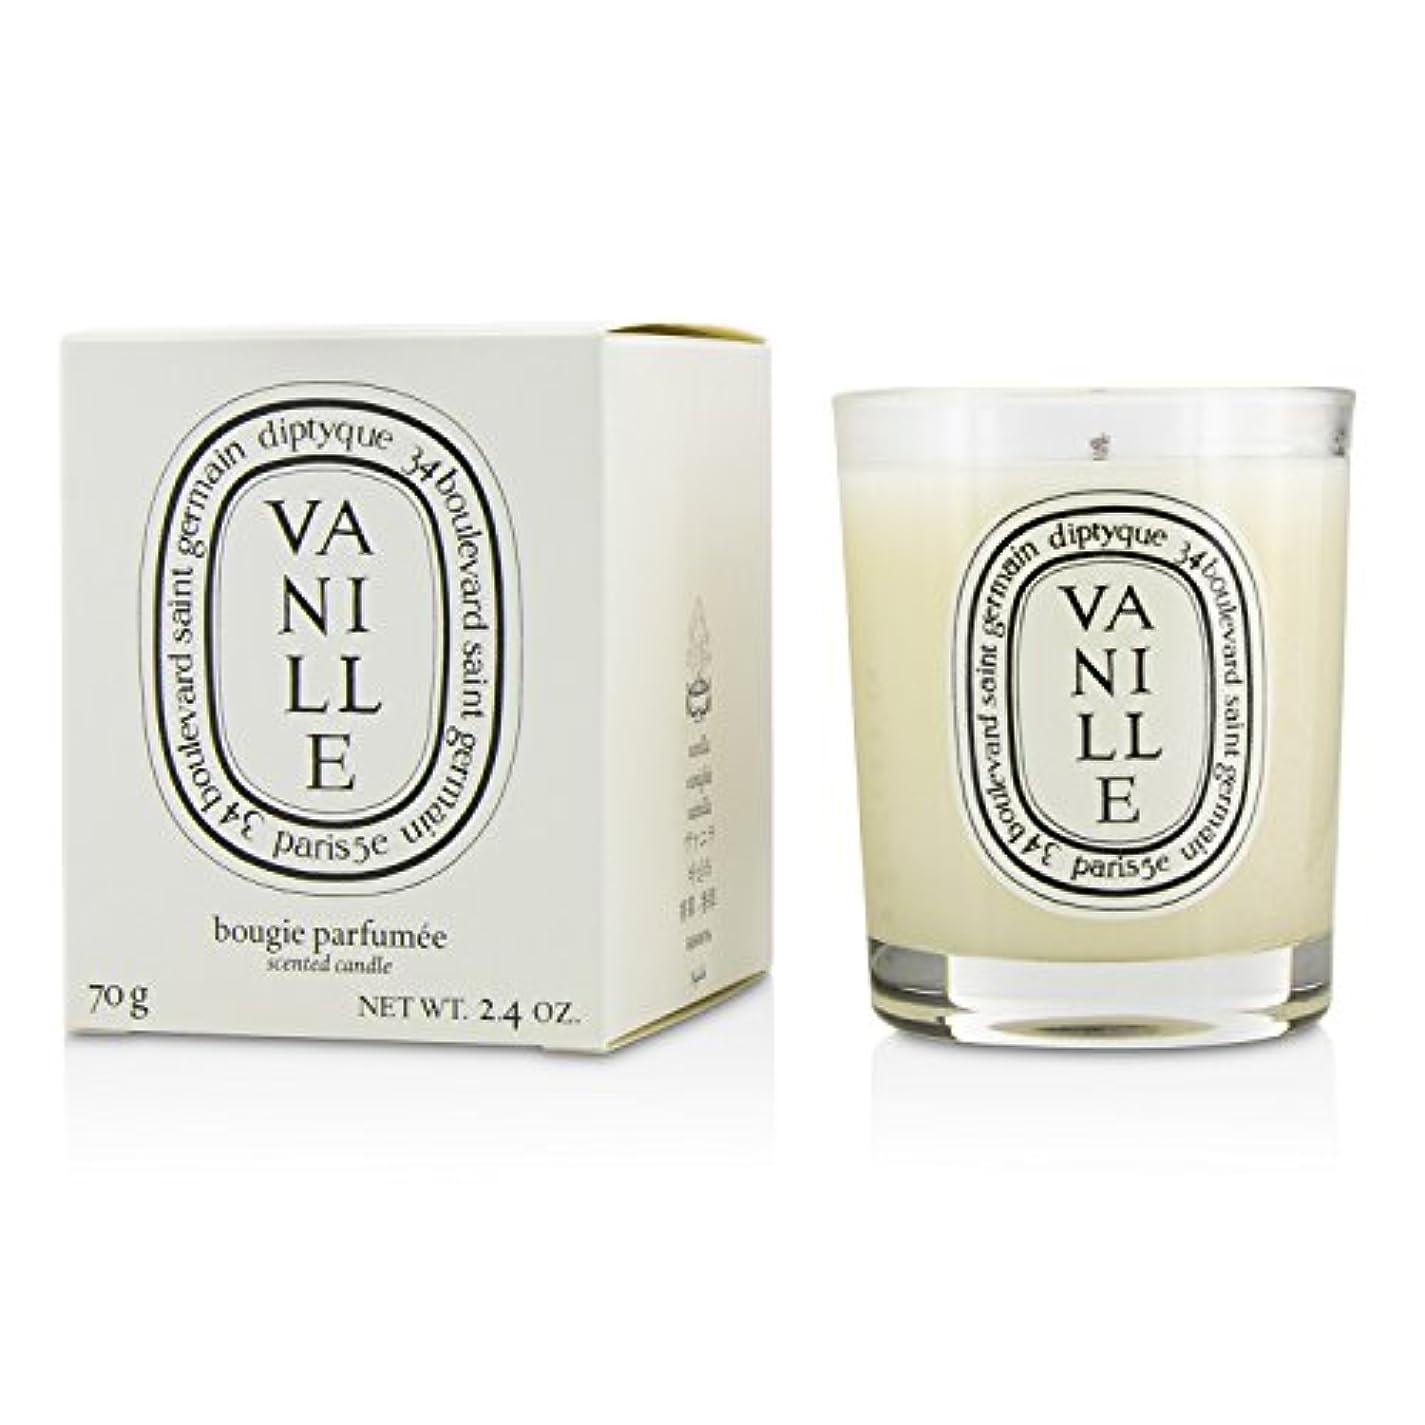 方向ジョージハンブリーダメージディプティック Scented Candle - Vanille (Vanilla) 70g/2.4oz並行輸入品